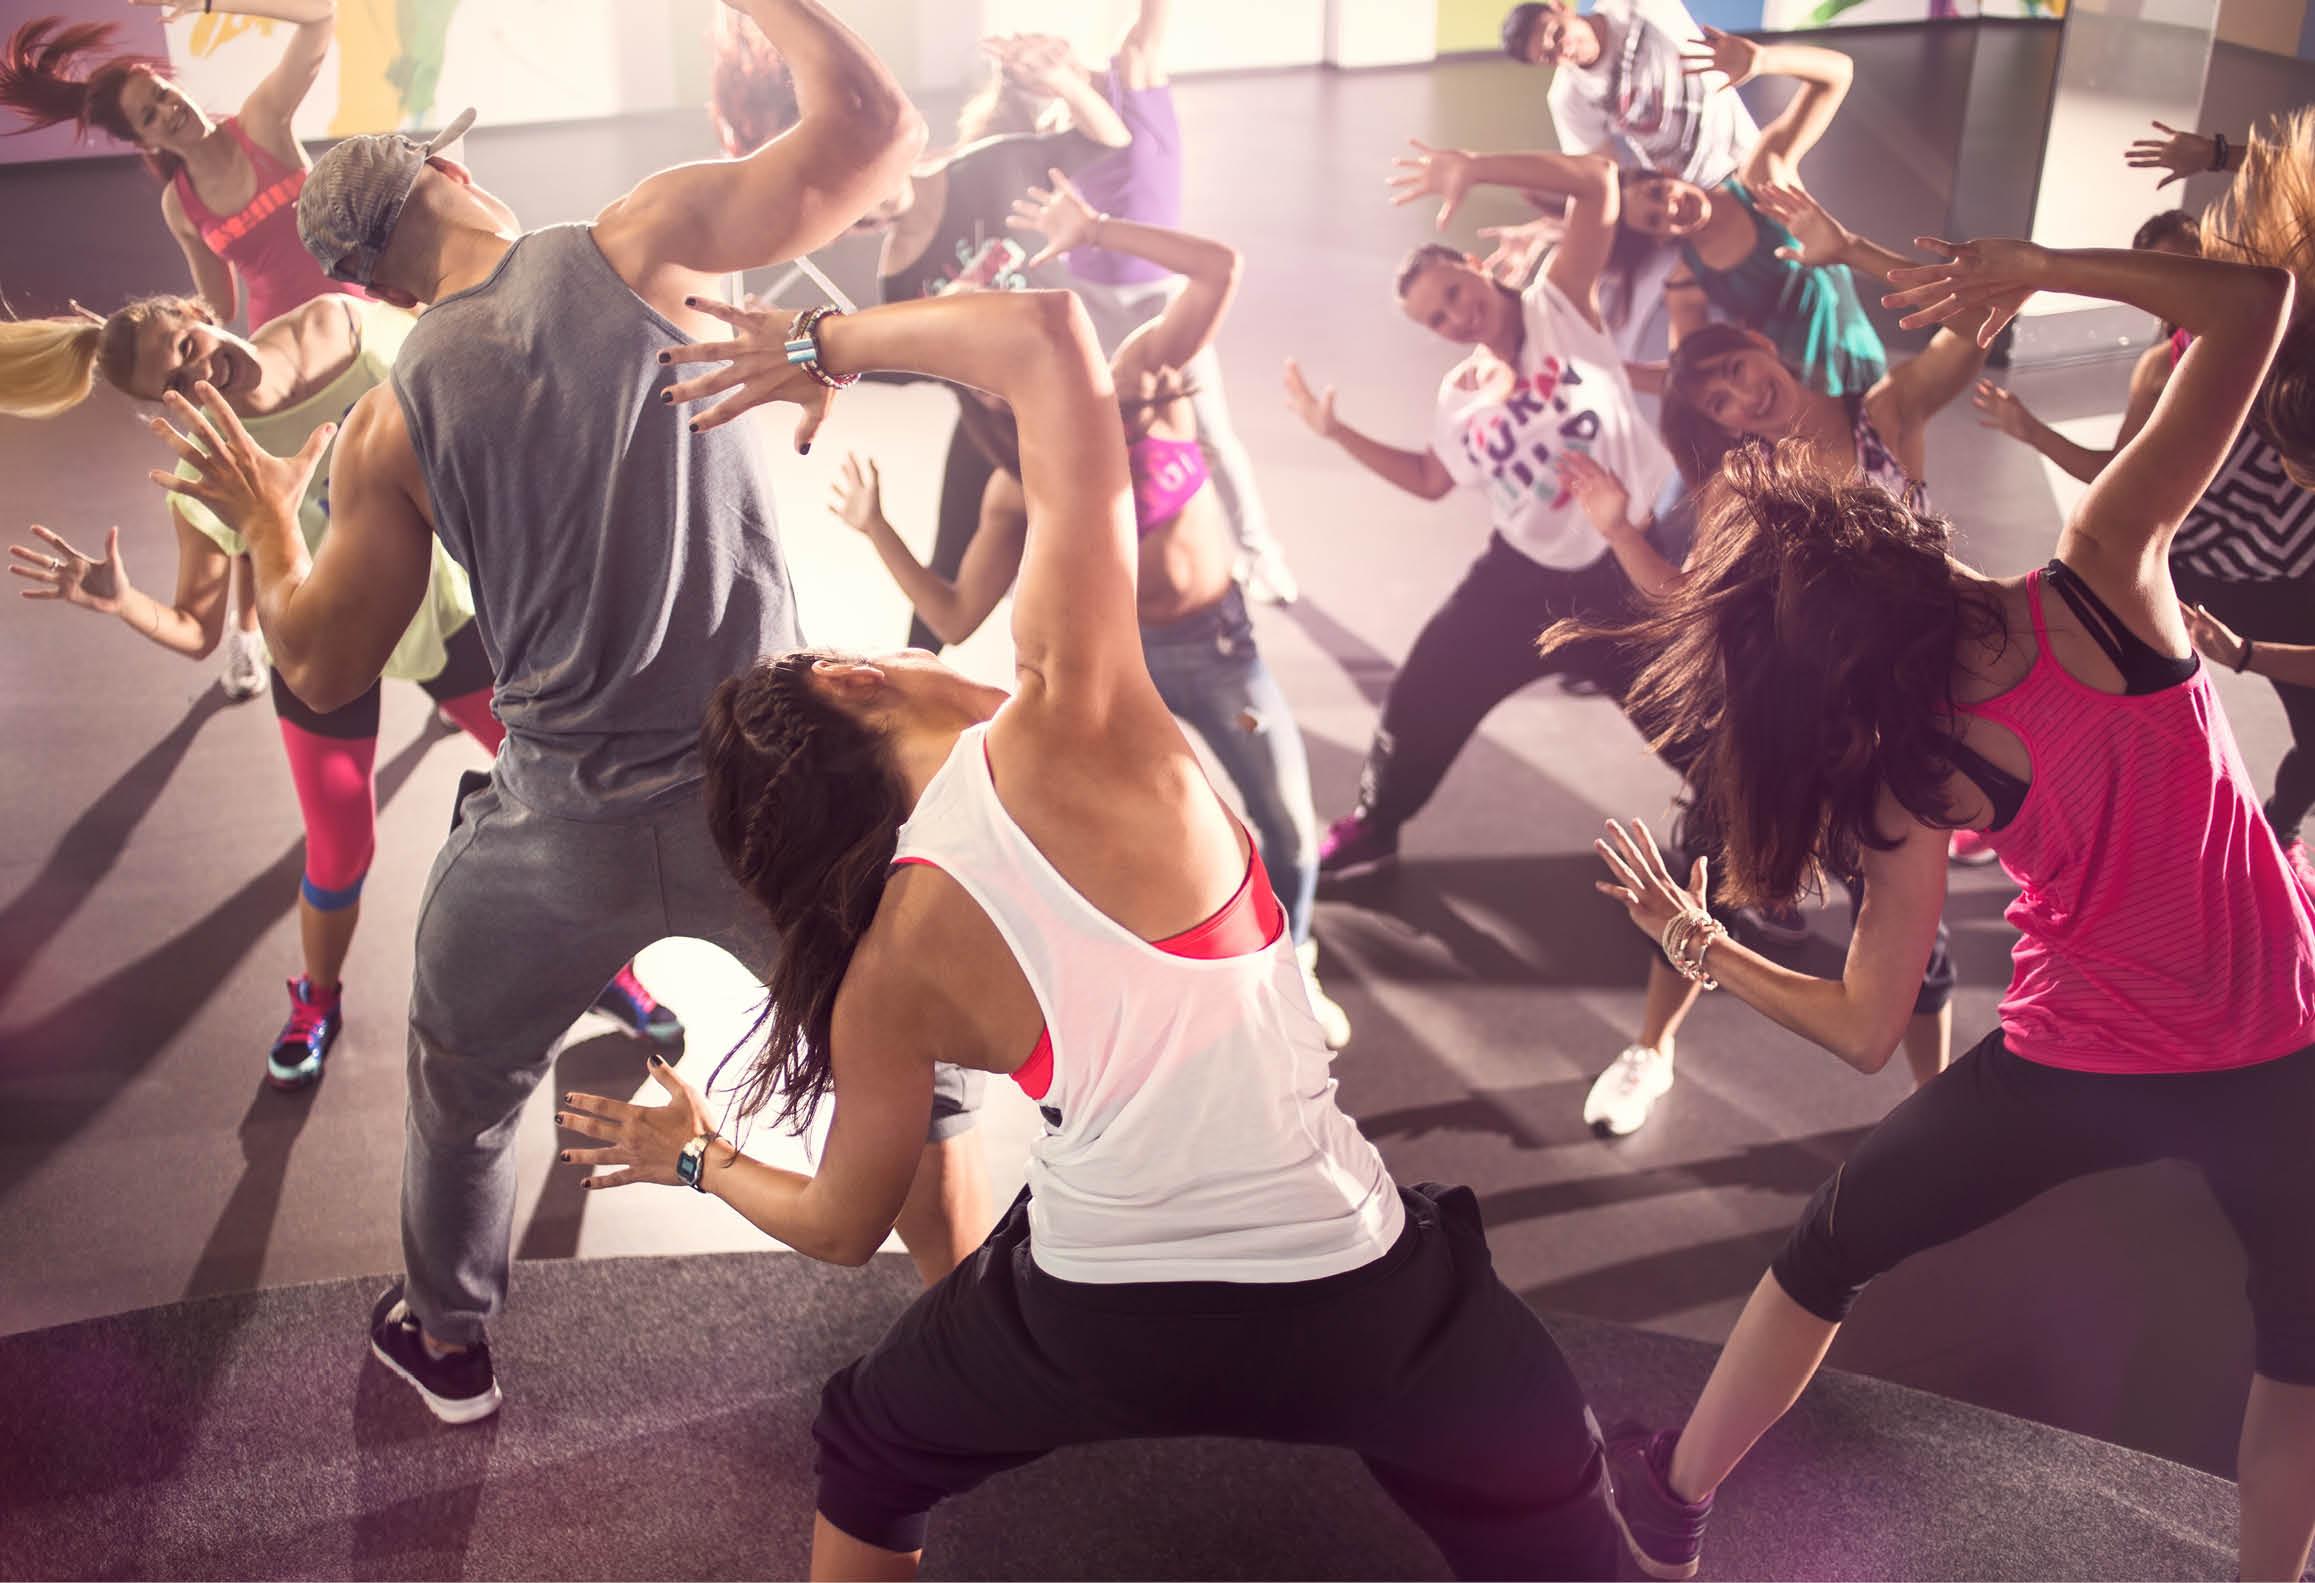 En grupp dansare i en dansstudio